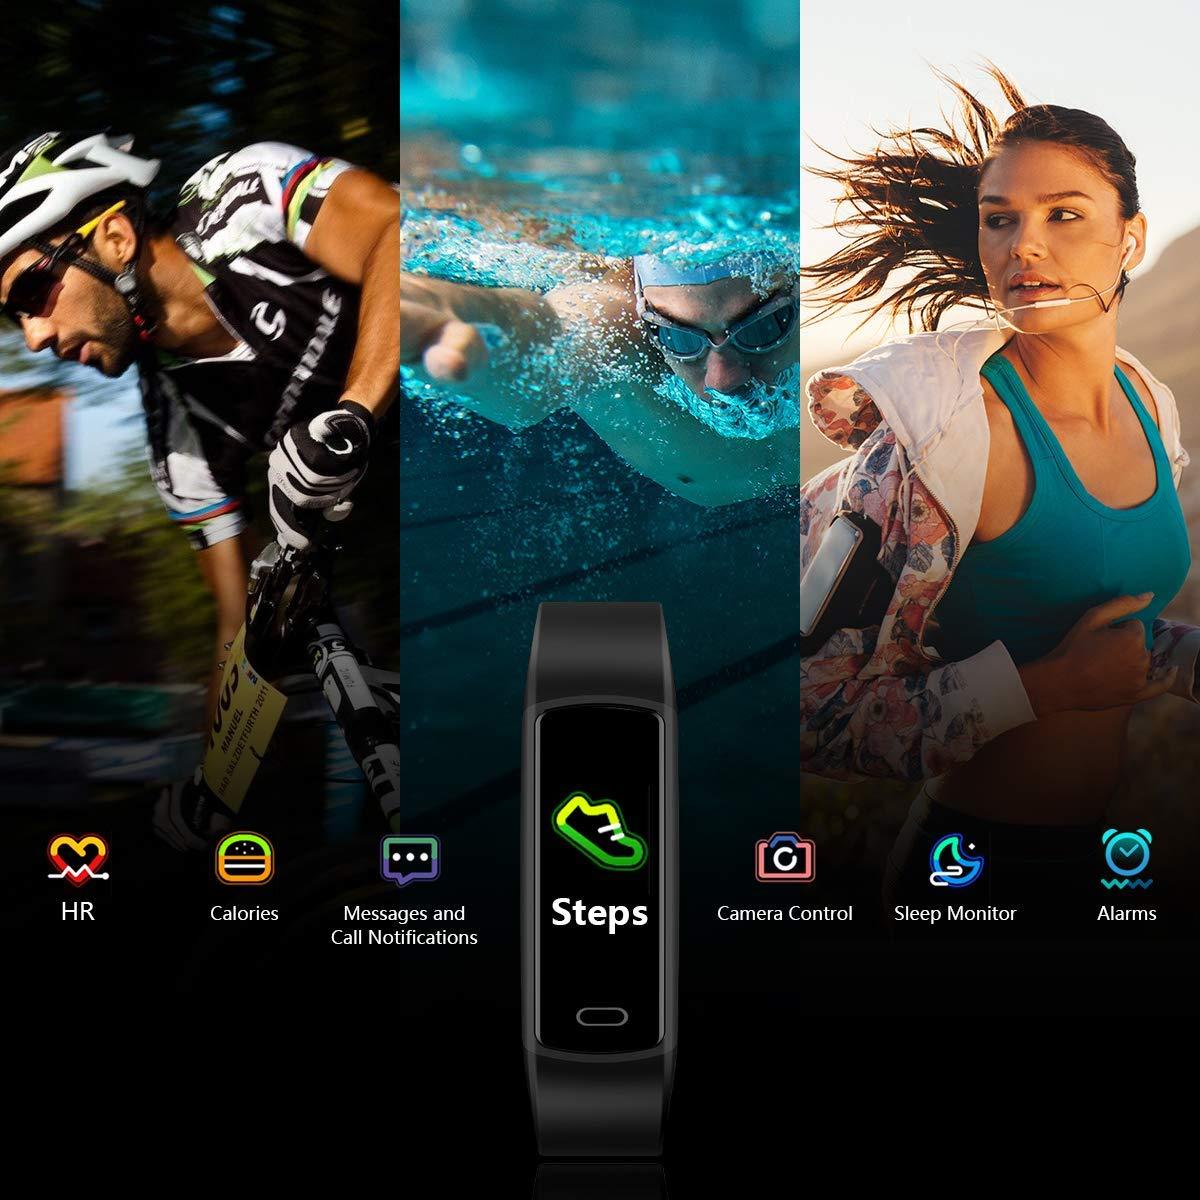 sikadeer fitness tracker 2 image